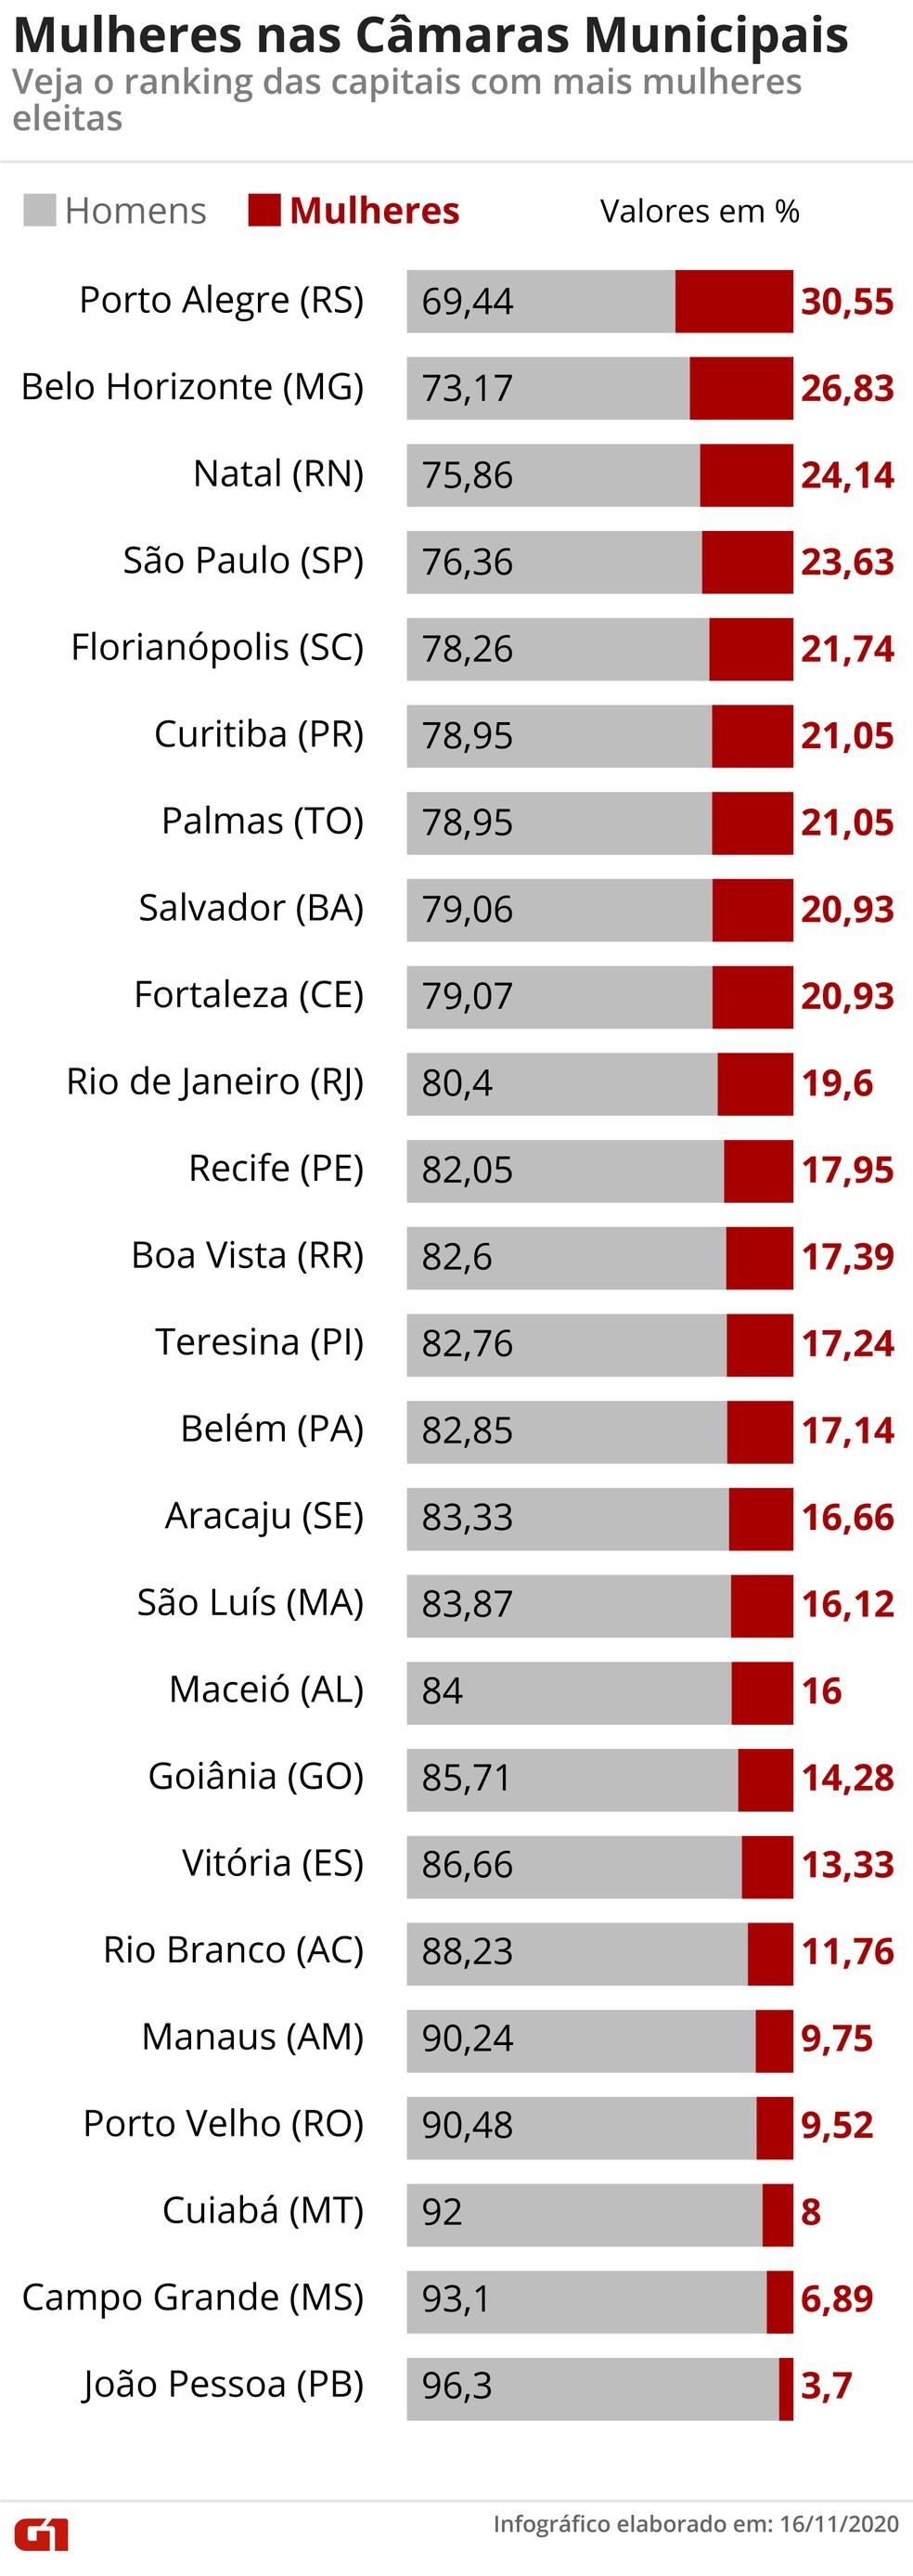 Proporção de mulheres eleitas nas Câmaras Municipais — Foto: Fernanda Garrafiel/G1